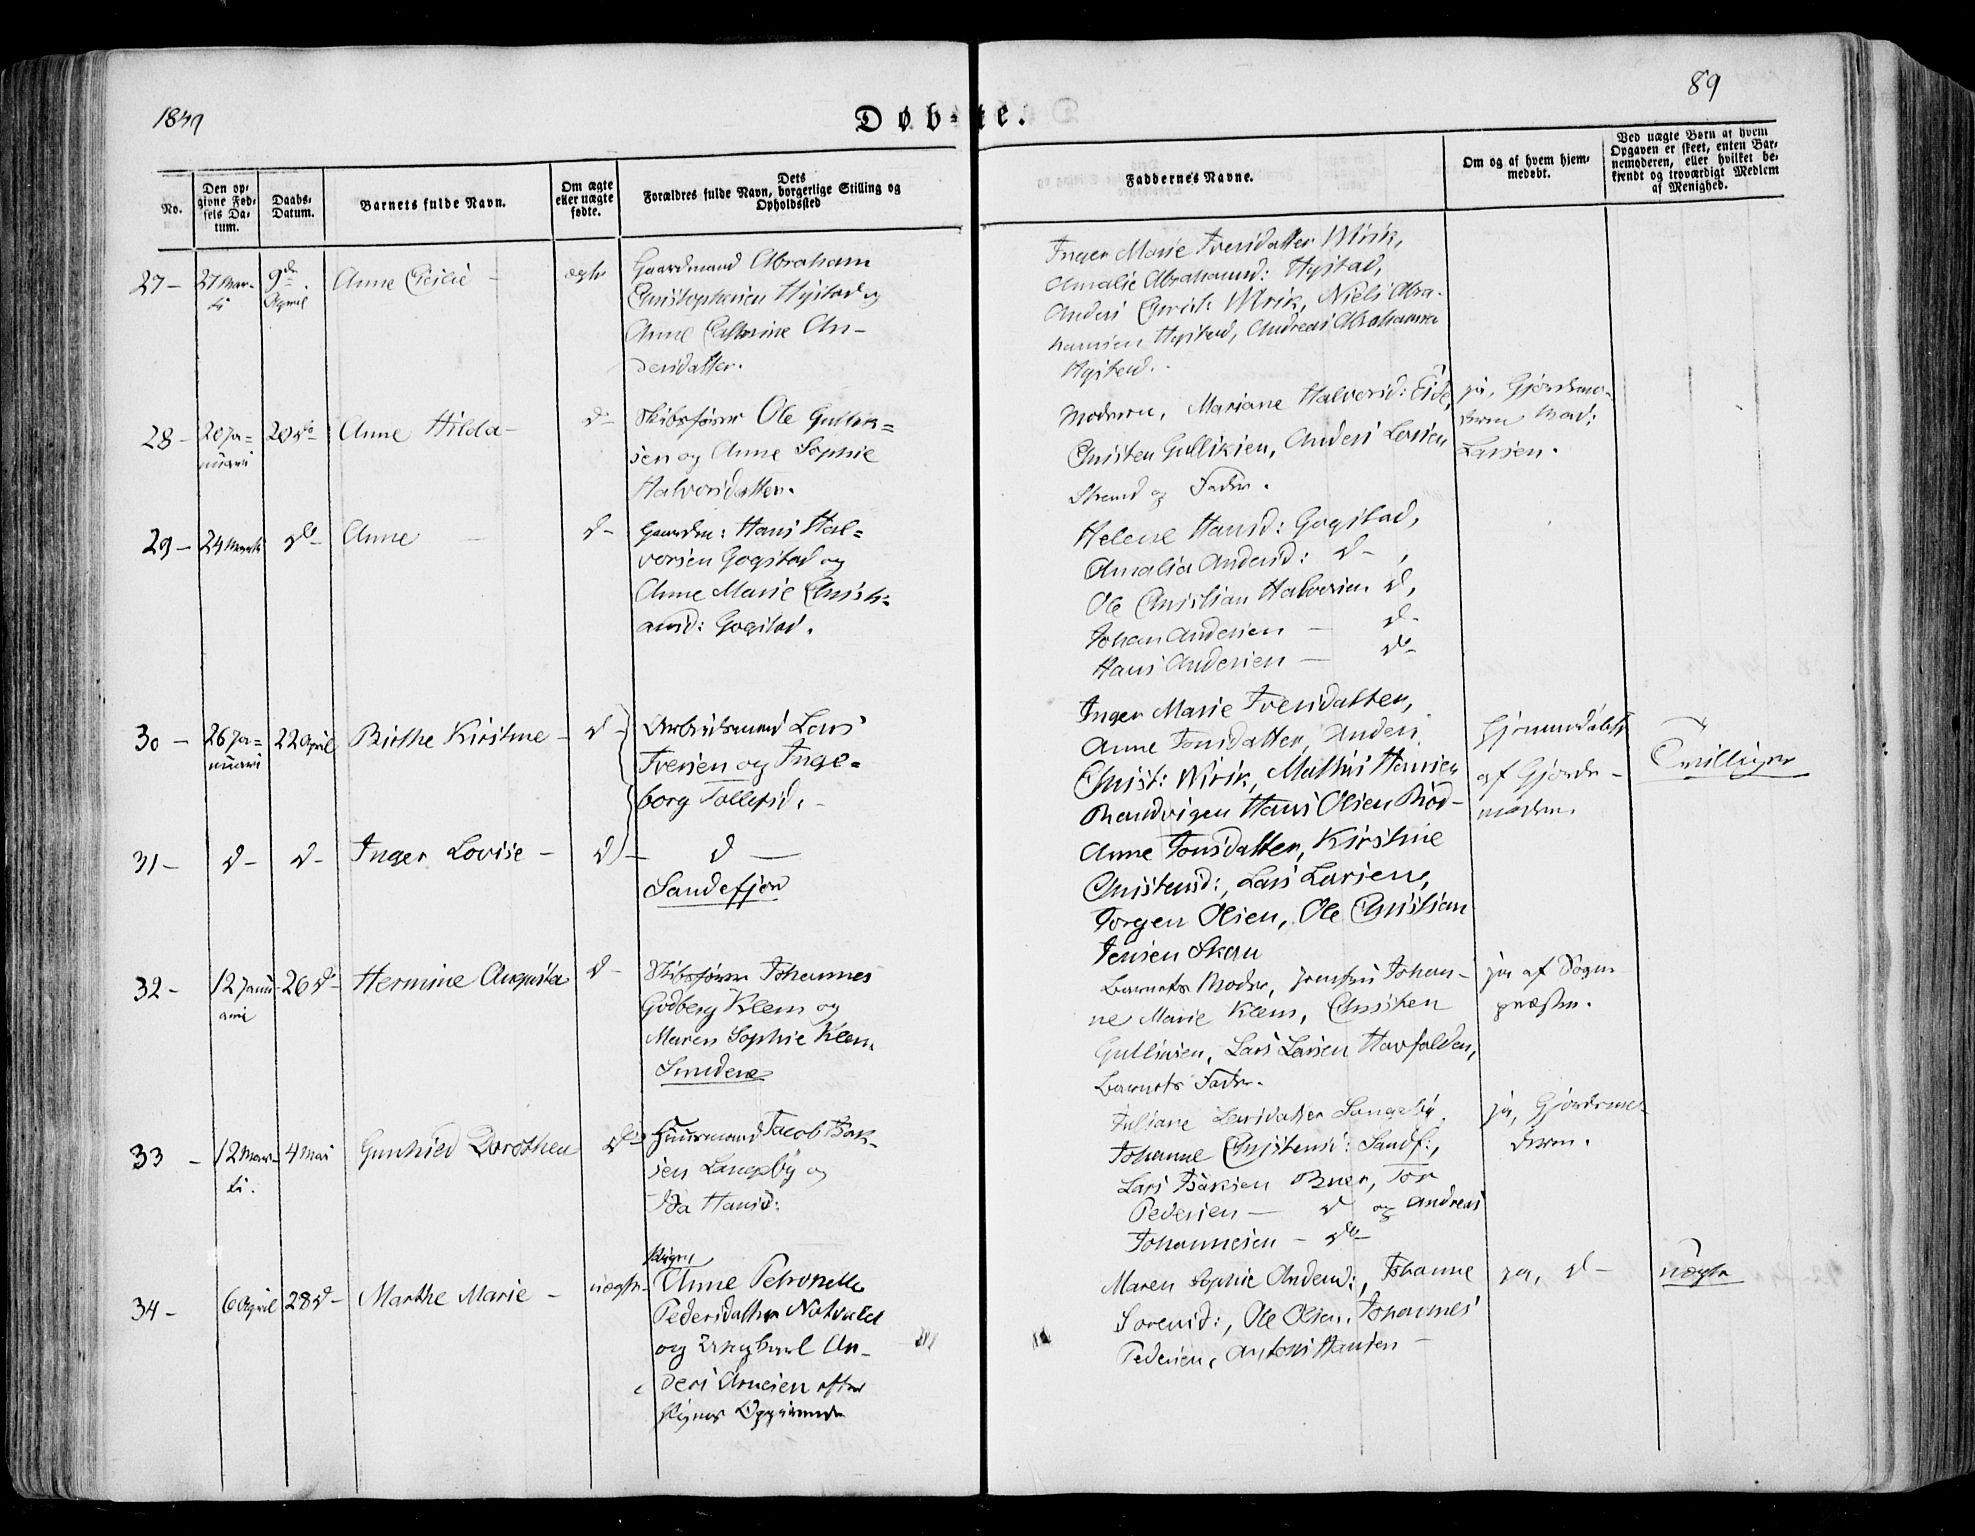 SAKO, Sandar kirkebøker, F/Fa/L0006: Ministerialbok nr. 6, 1847-1860, s. 89